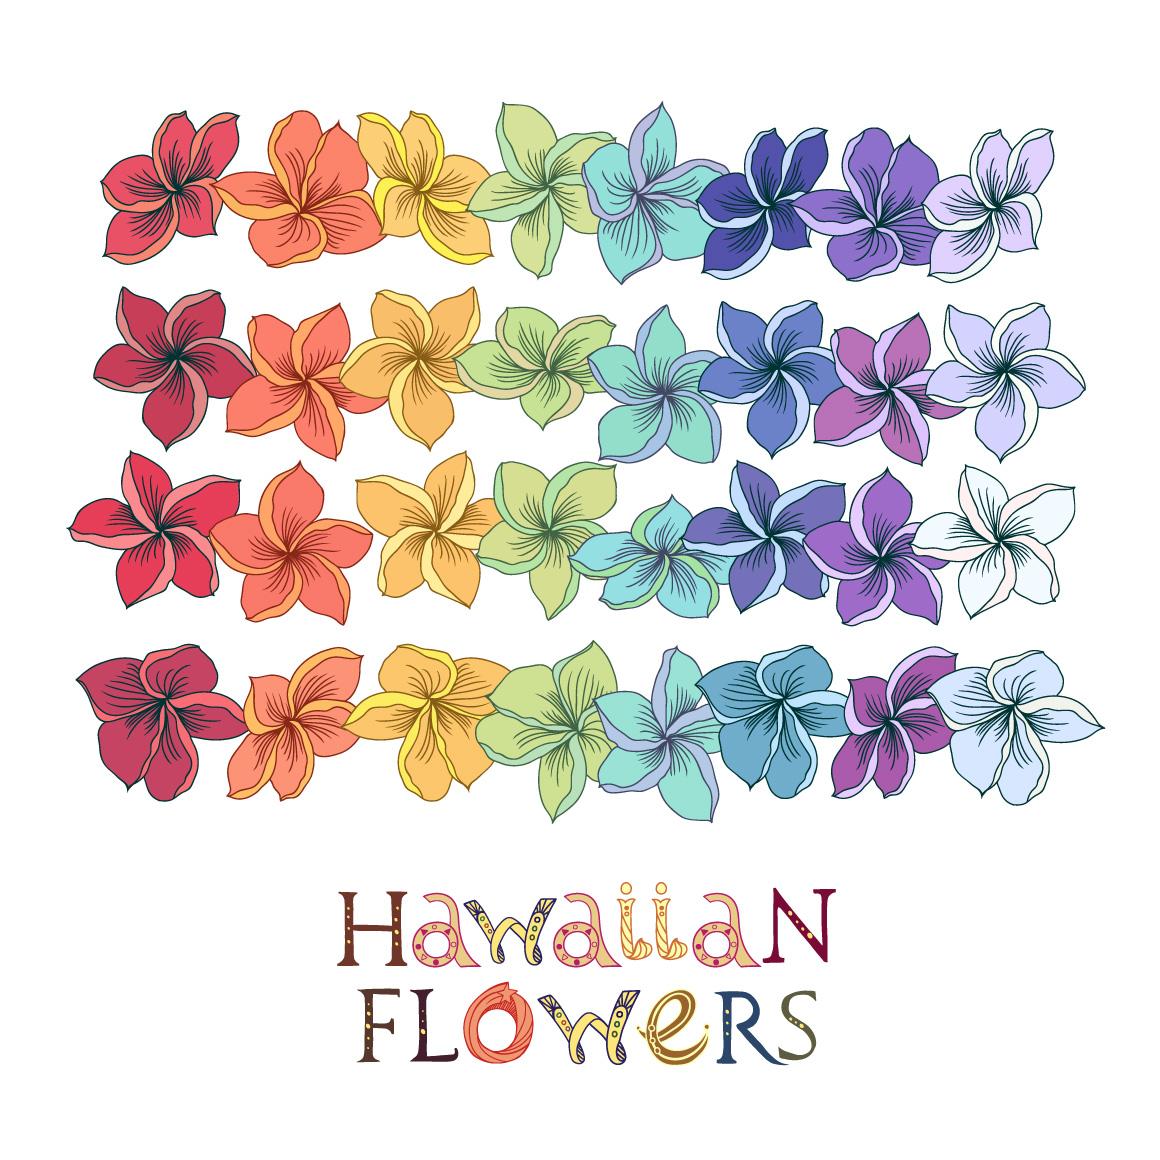 Ukulele set with Hawaiian patterns and elements